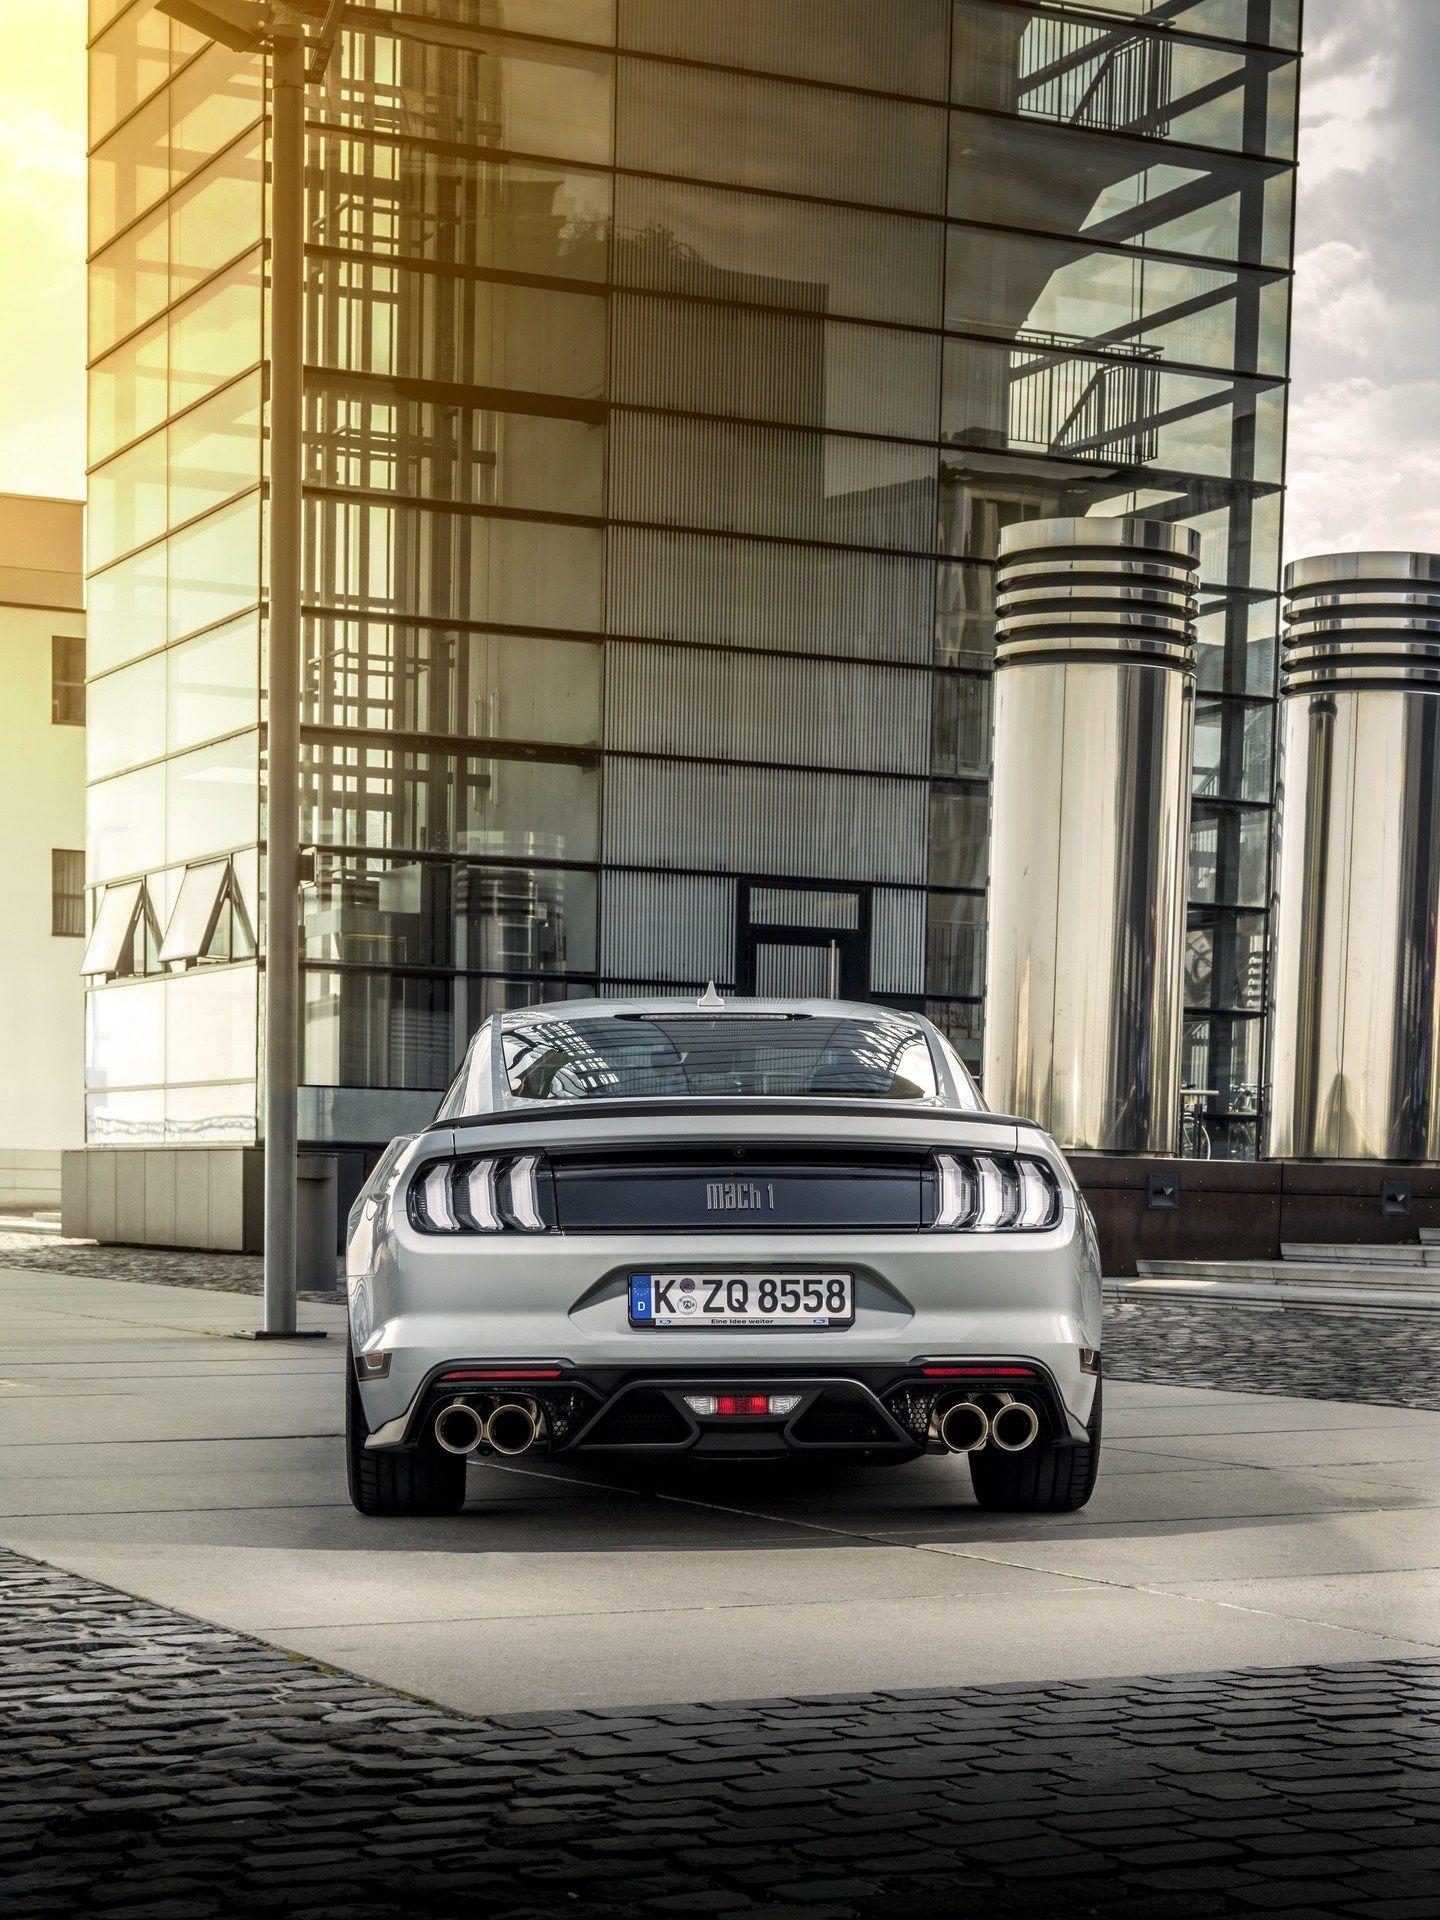 Ford_Mustang_Mach_1_EU-Spec_0005